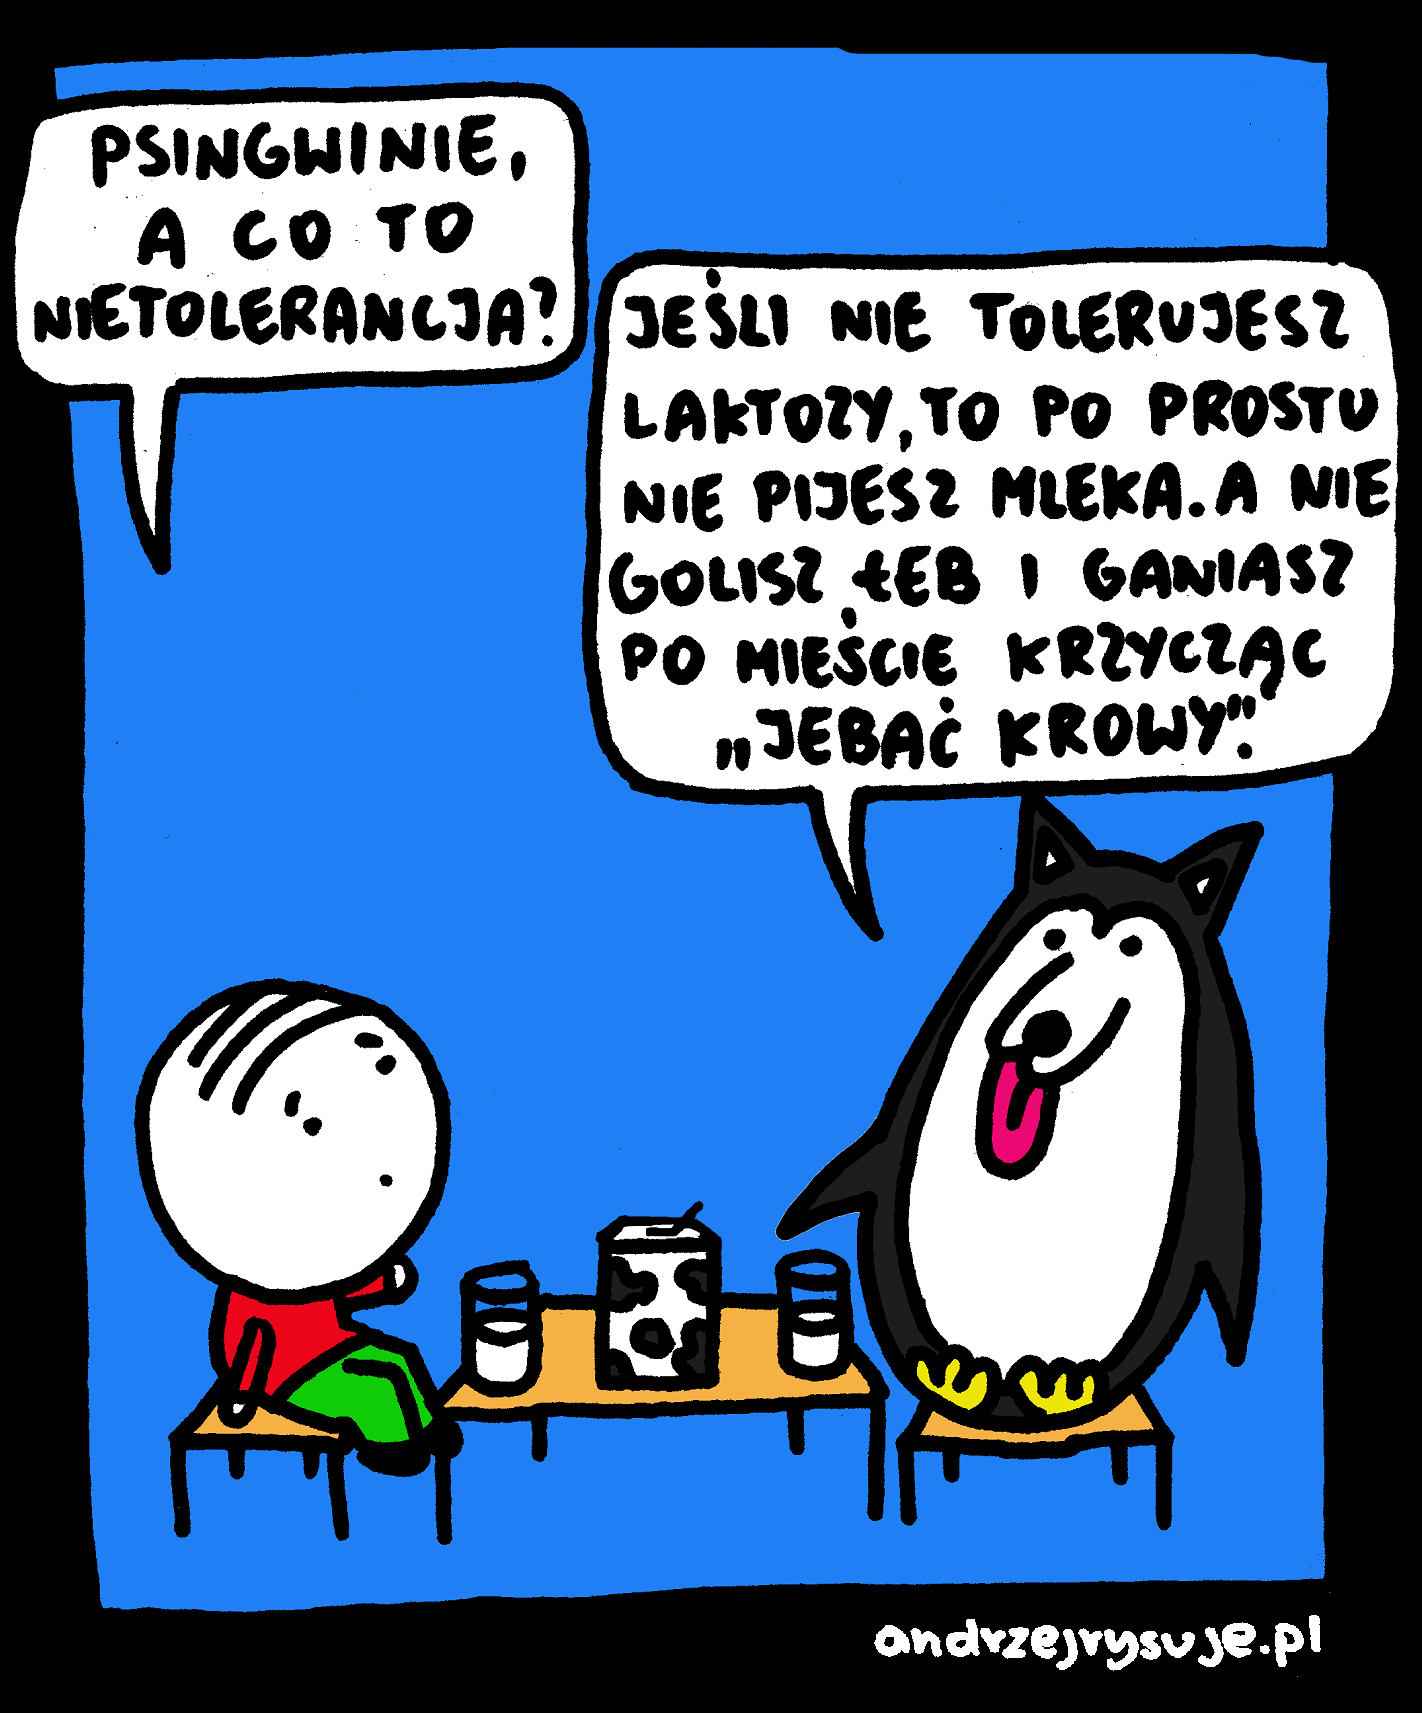 Psingwin tłumaczy